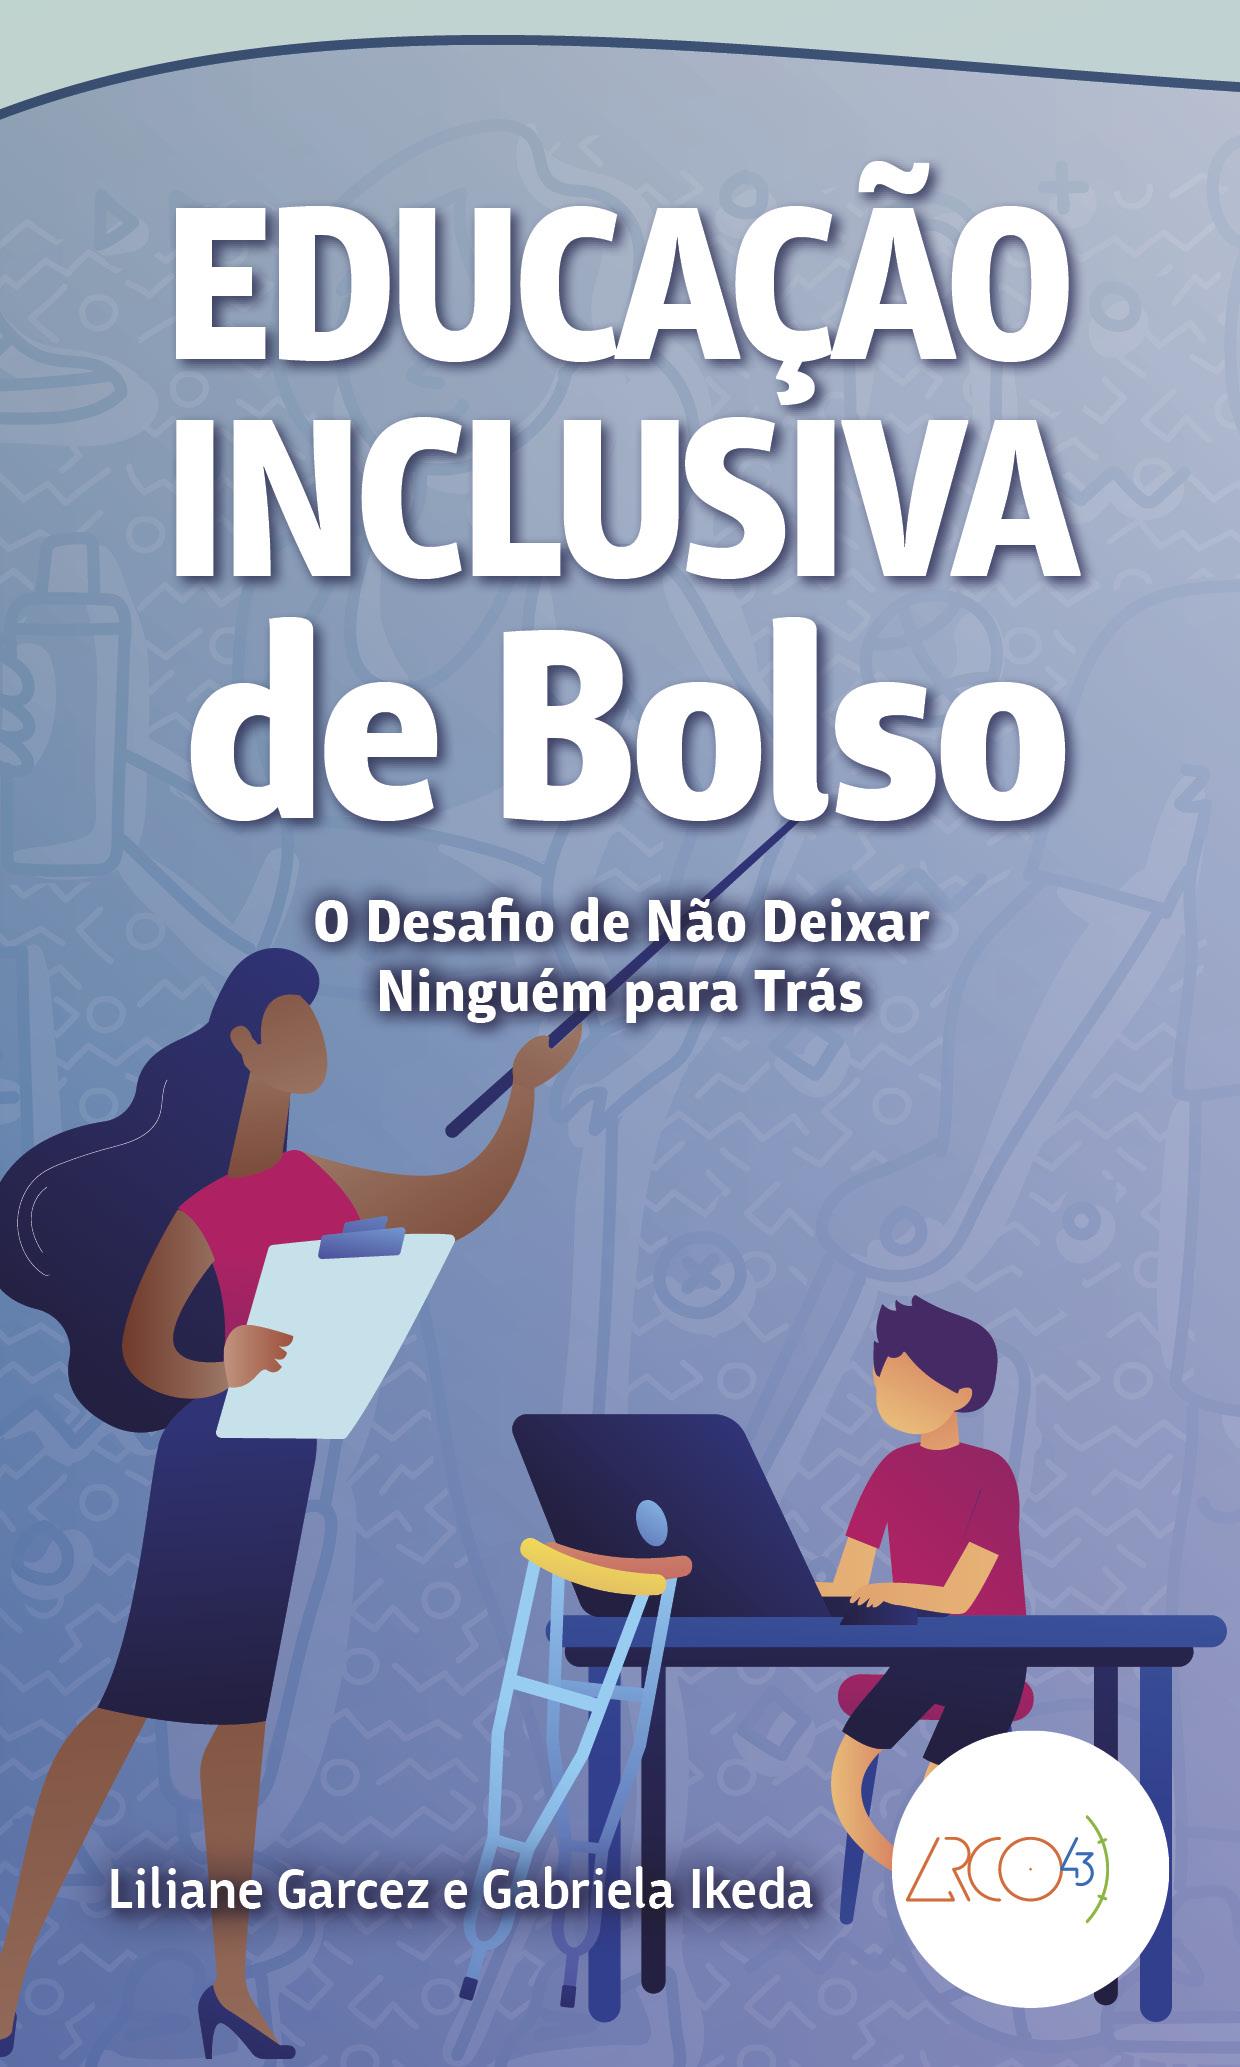 Educação Inclusiva de Bolso - O desafio de não deixar ninguém para trás